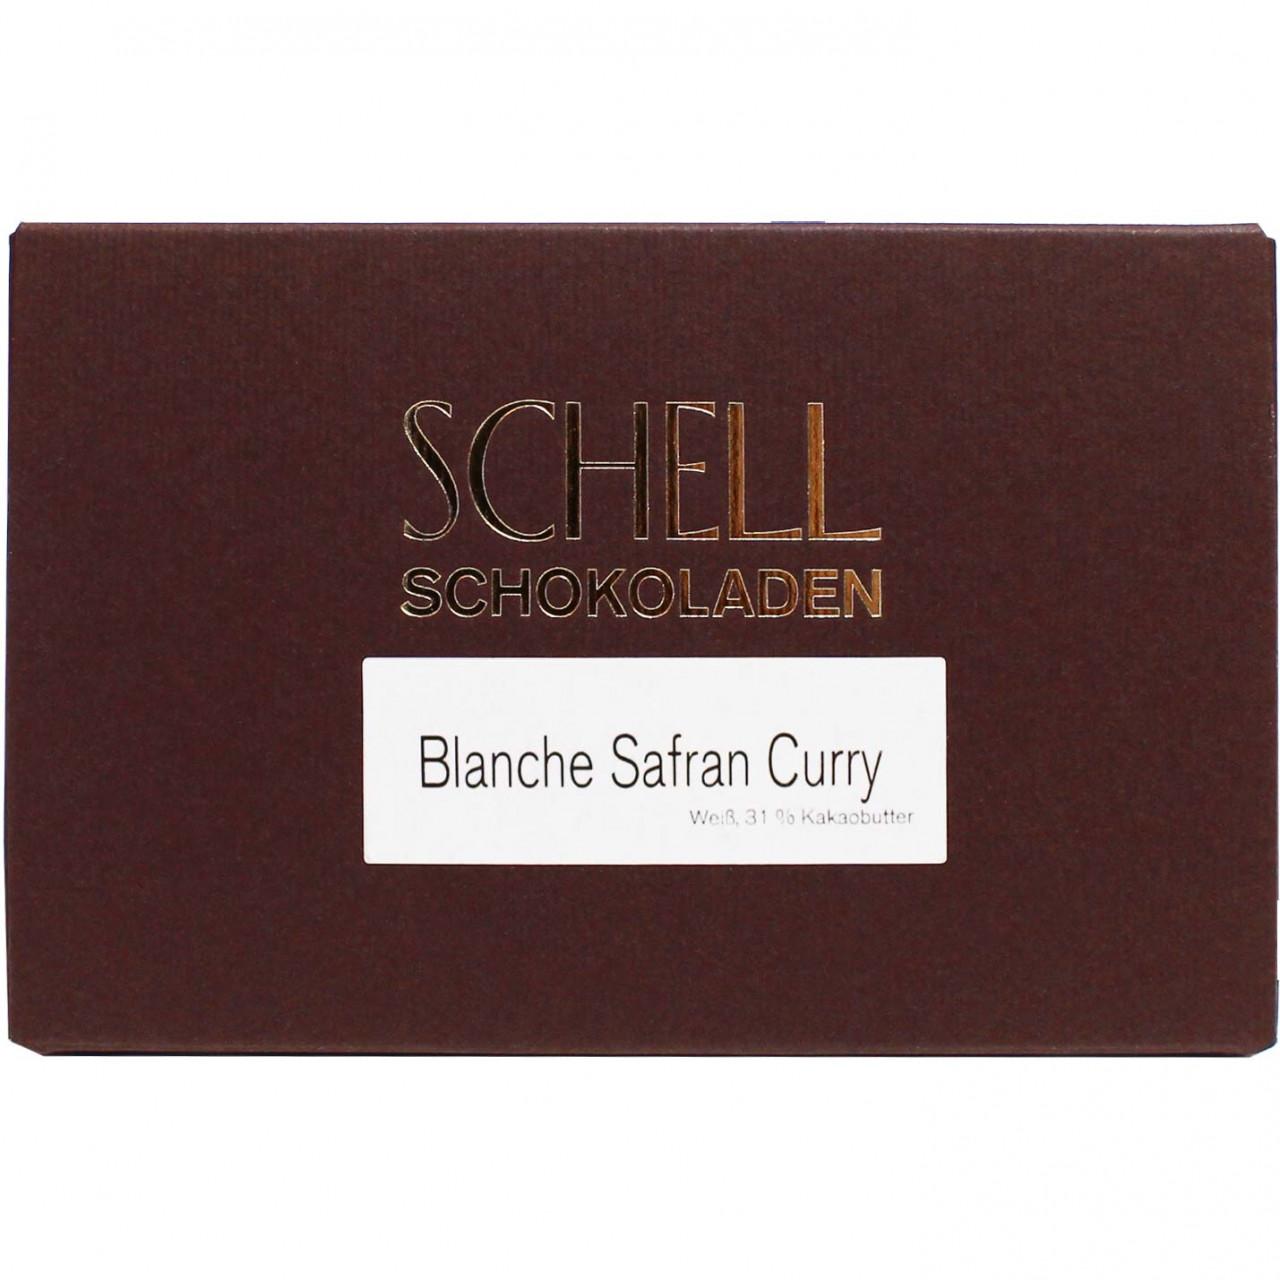 Curry Blanche Safran 28% - chocolat blanc - Tablette de chocolat, Allemagne, chocolat allemand, Chocolat aux épices - Chocolats-De-Luxe